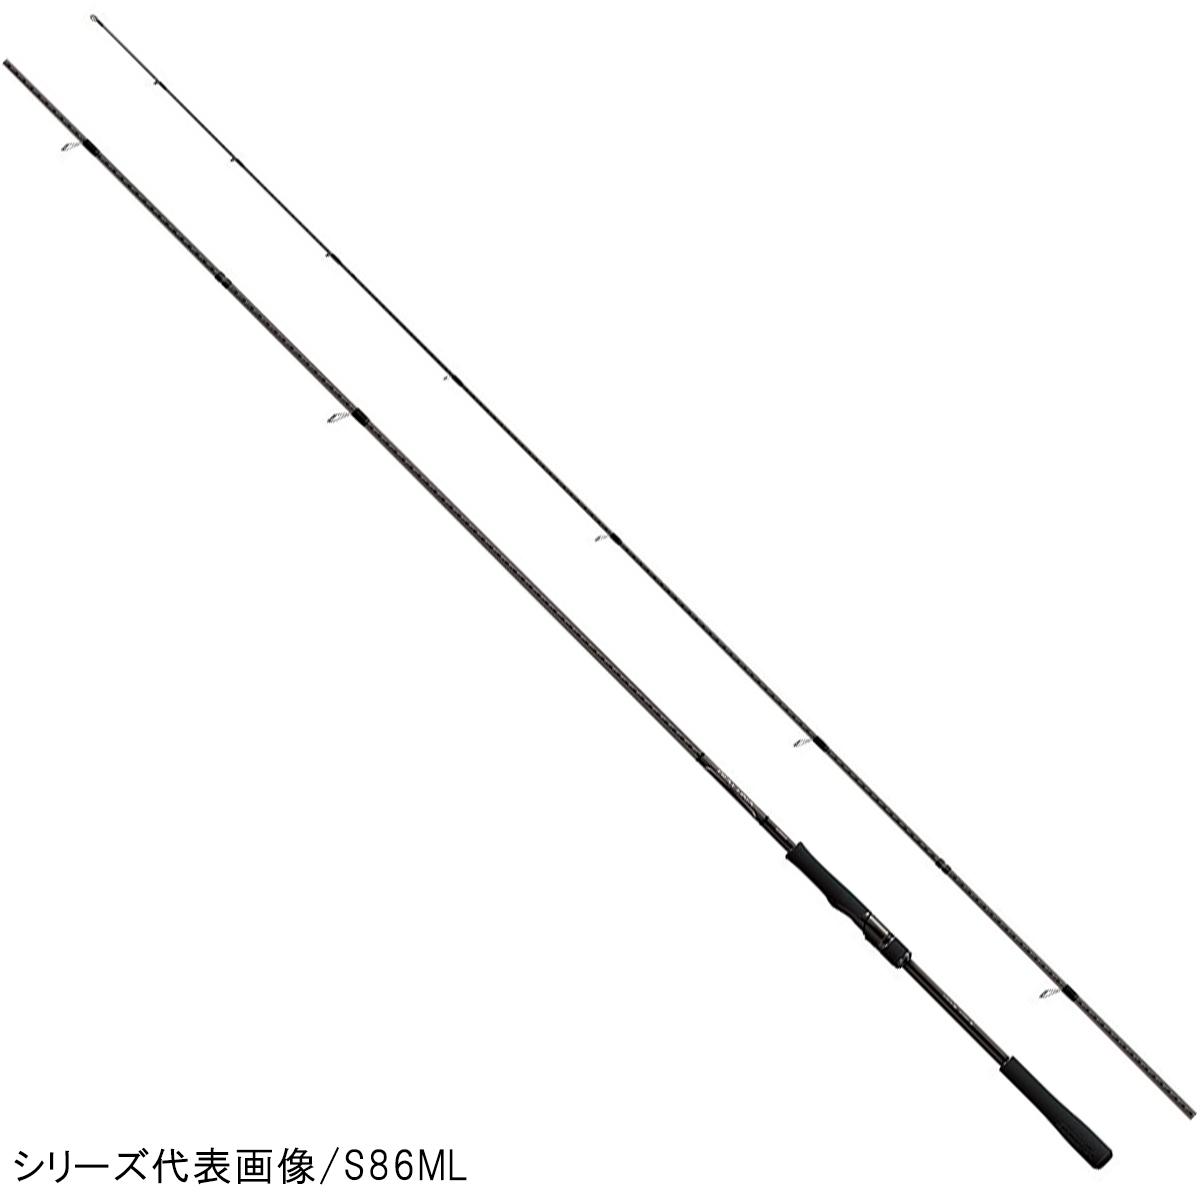 シマノ ディアルーナ (スピニング) S100MH【大型商品】